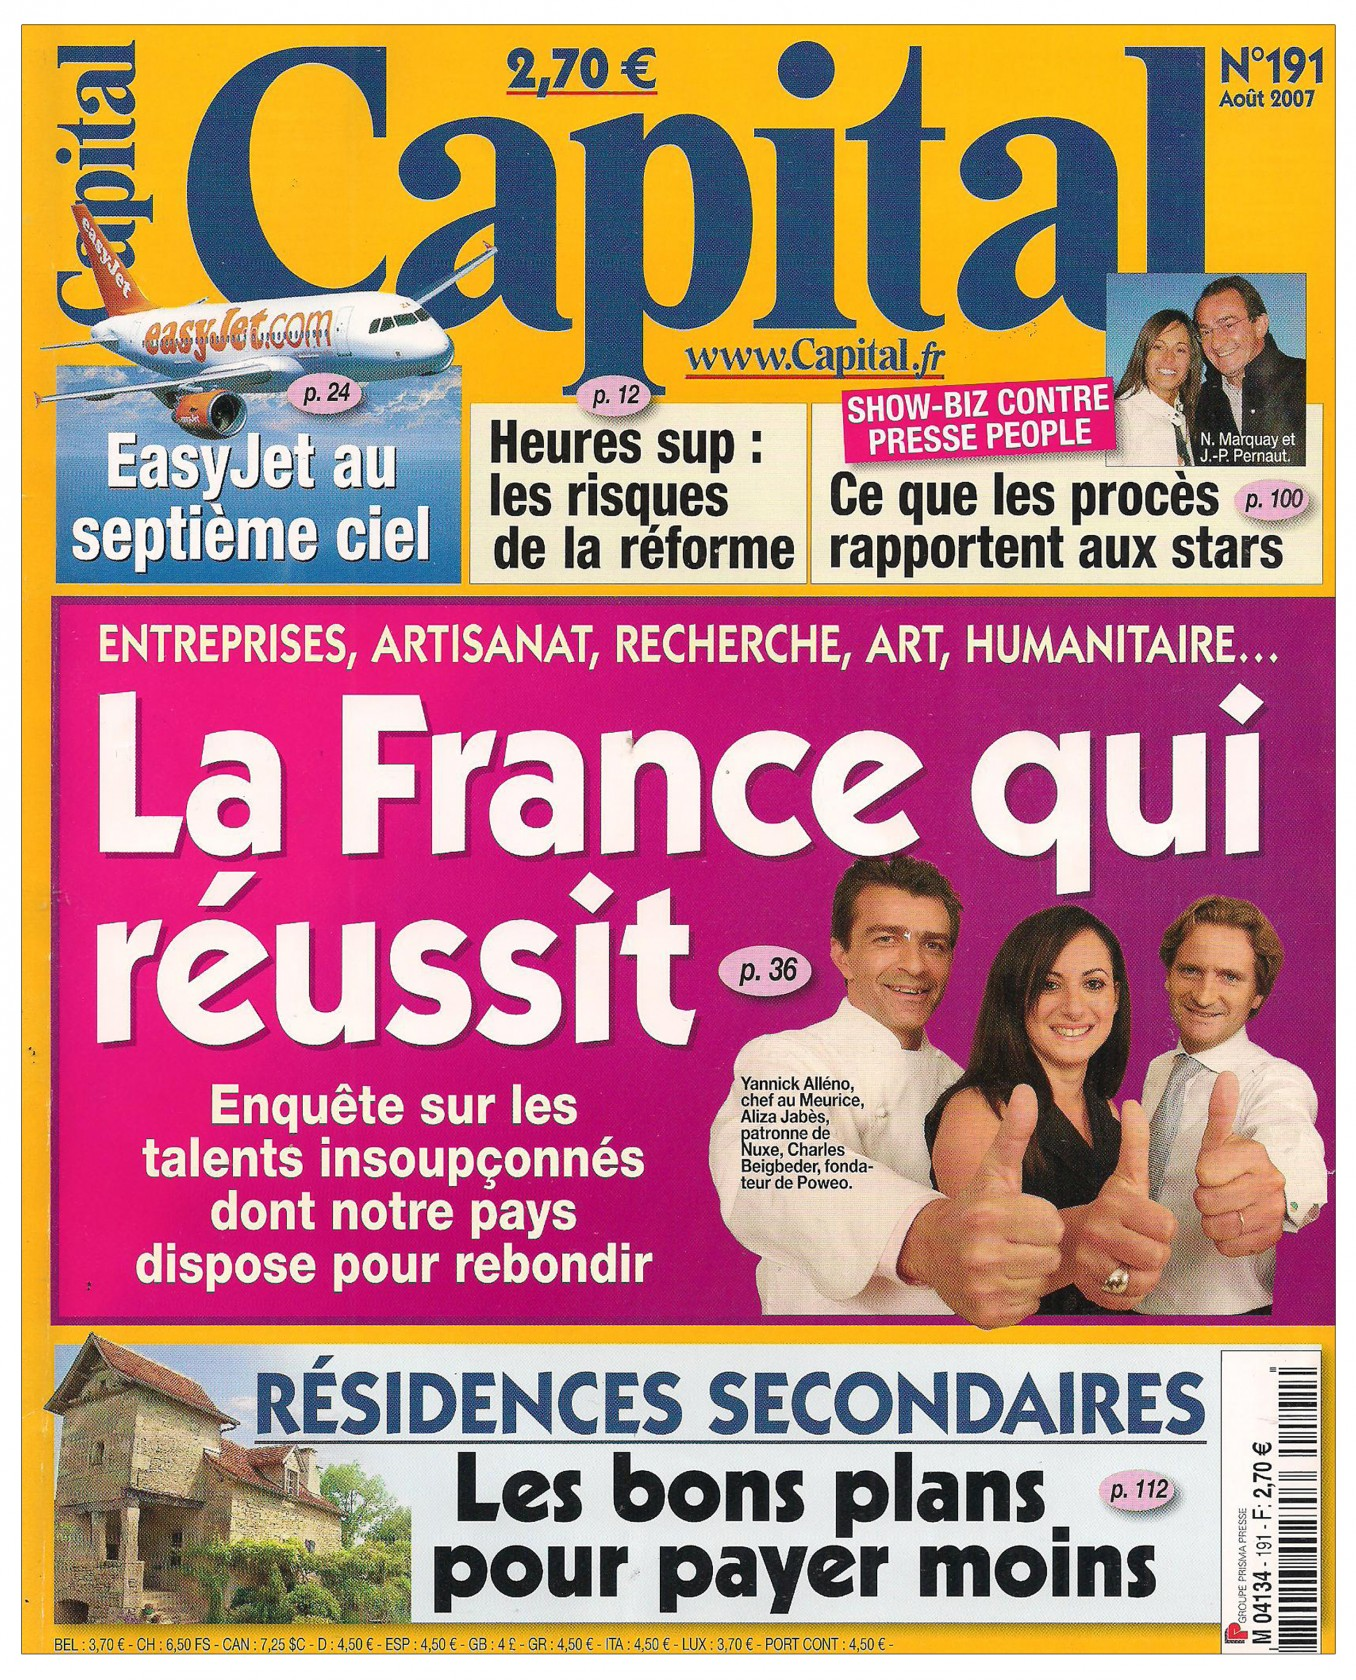 Ludovic AVENEL : ébéniste créateur Paris - Ludovic_Avenel_press_capital_ebeniste_créateur_design_sur mesure_1